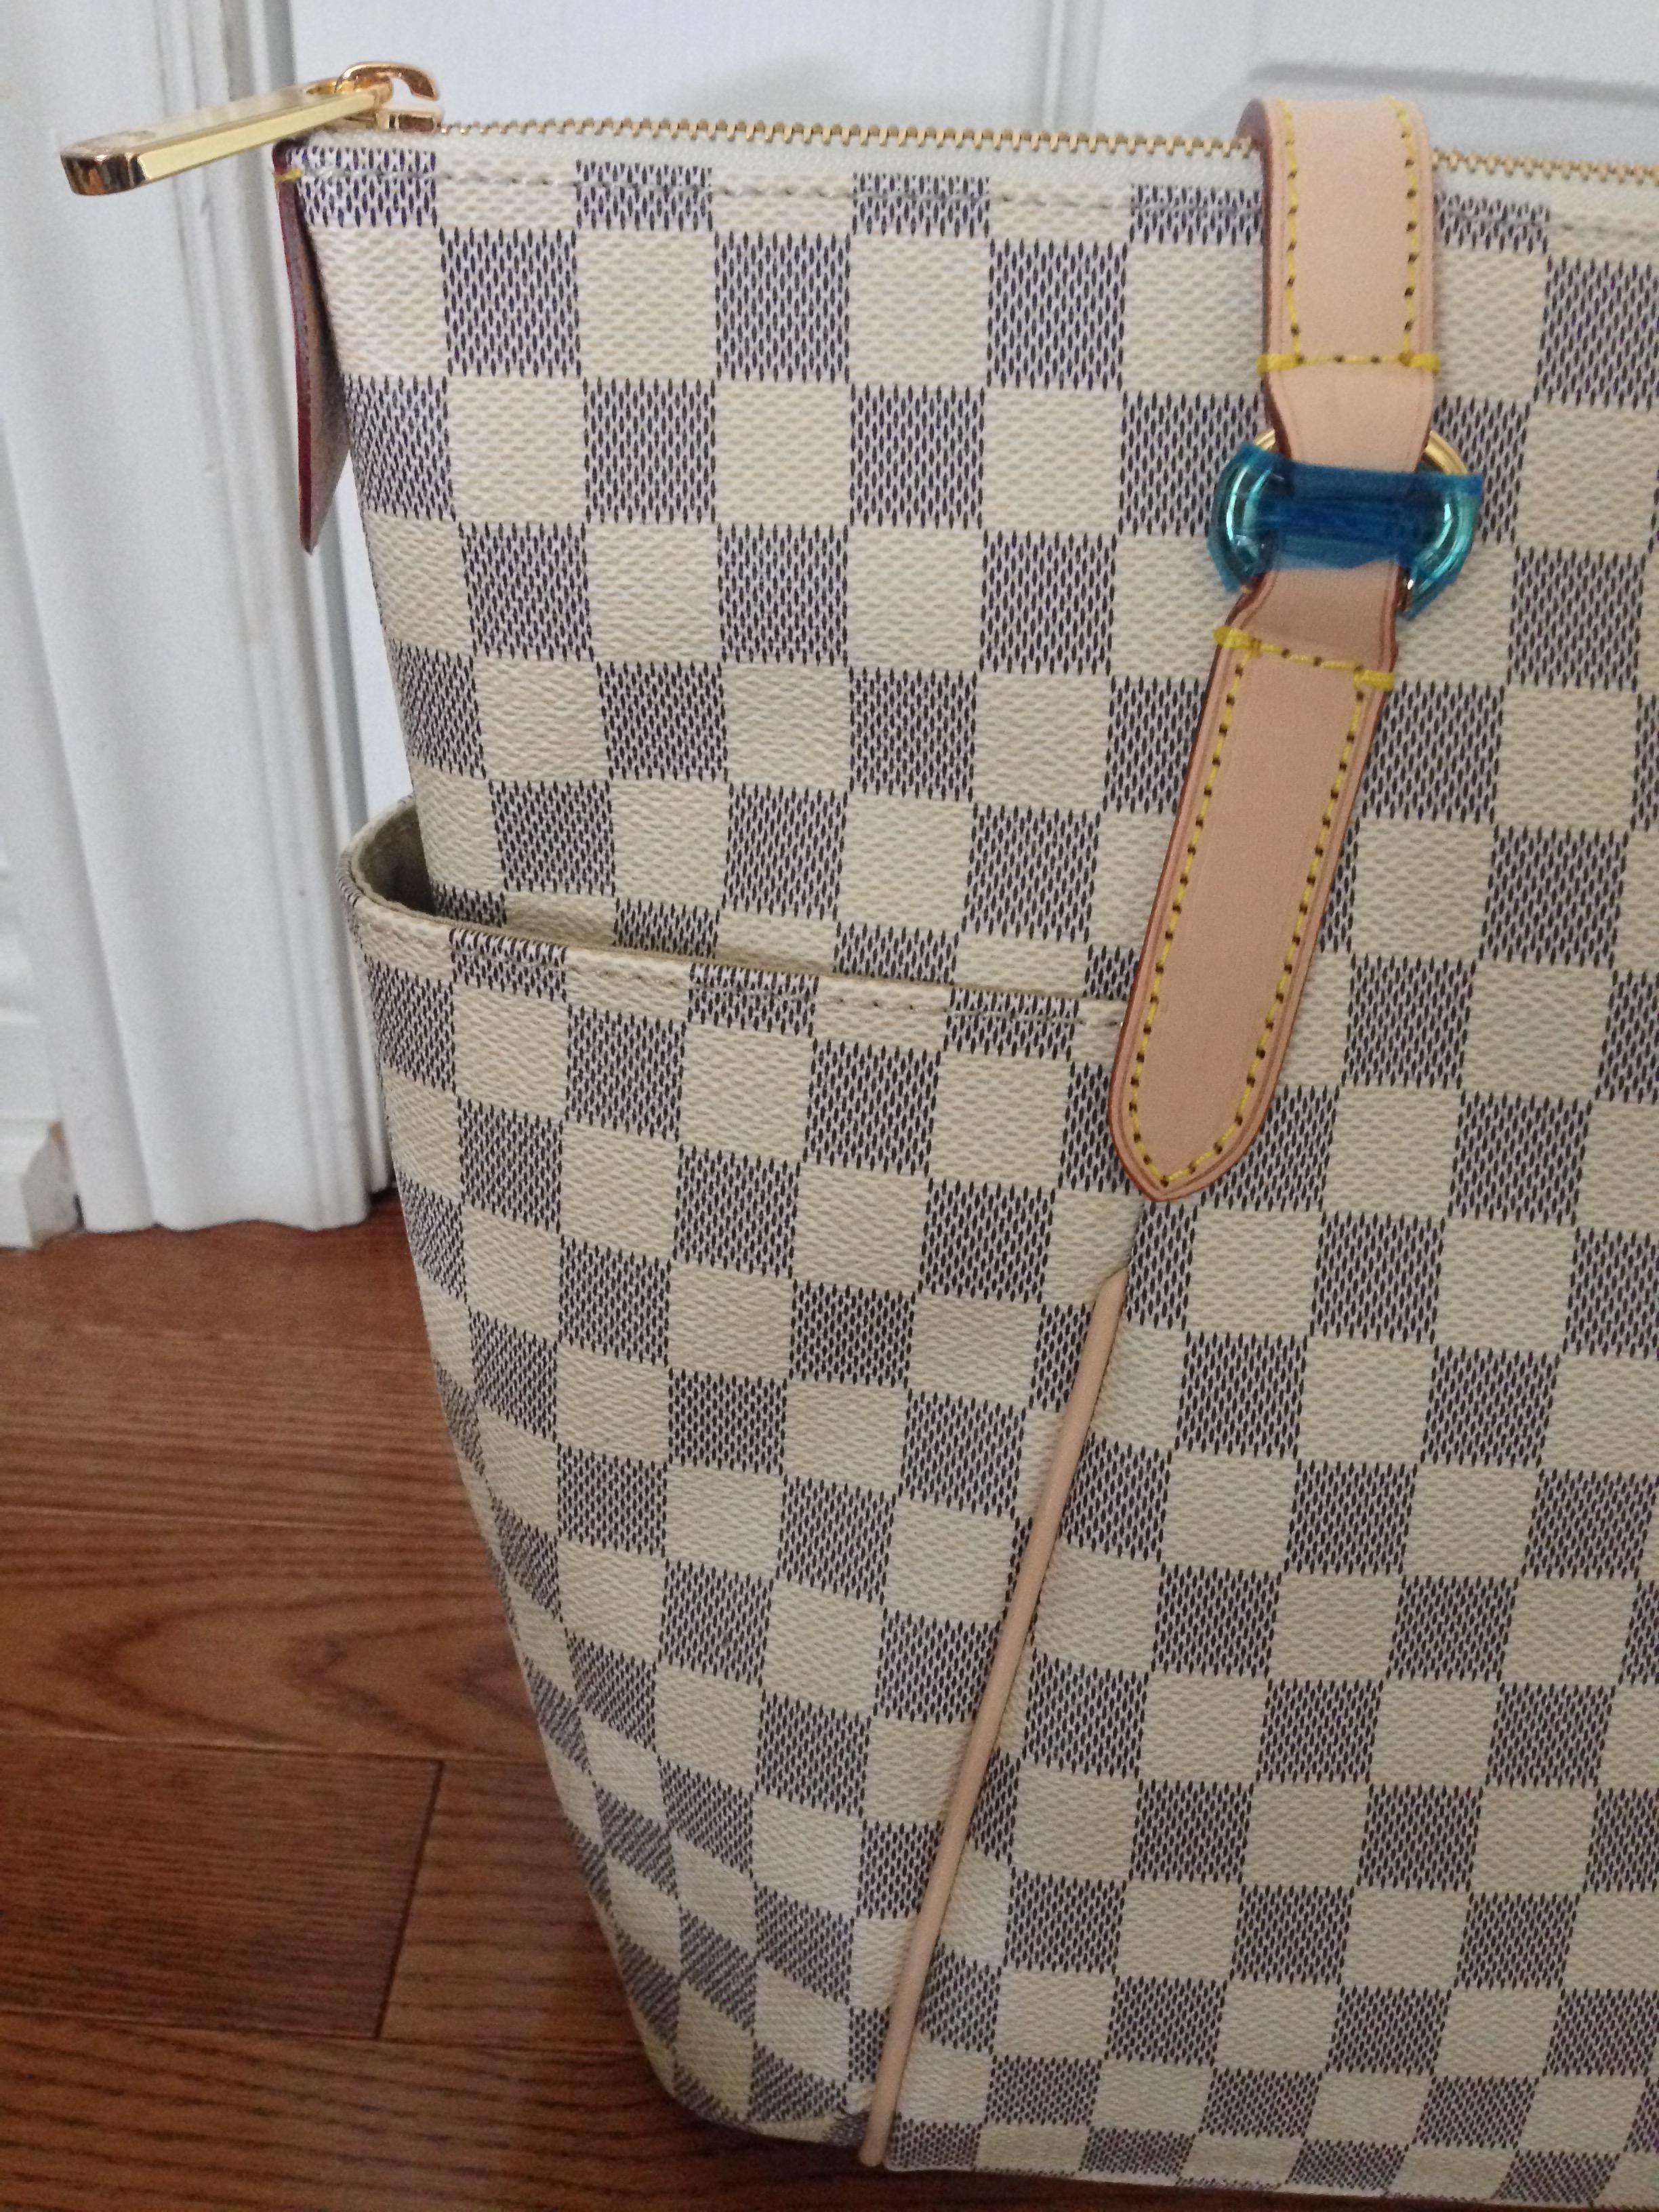 where to buy chloe bags - replica handbag �C Authentic & Replica Bags & Replica Handbags ...